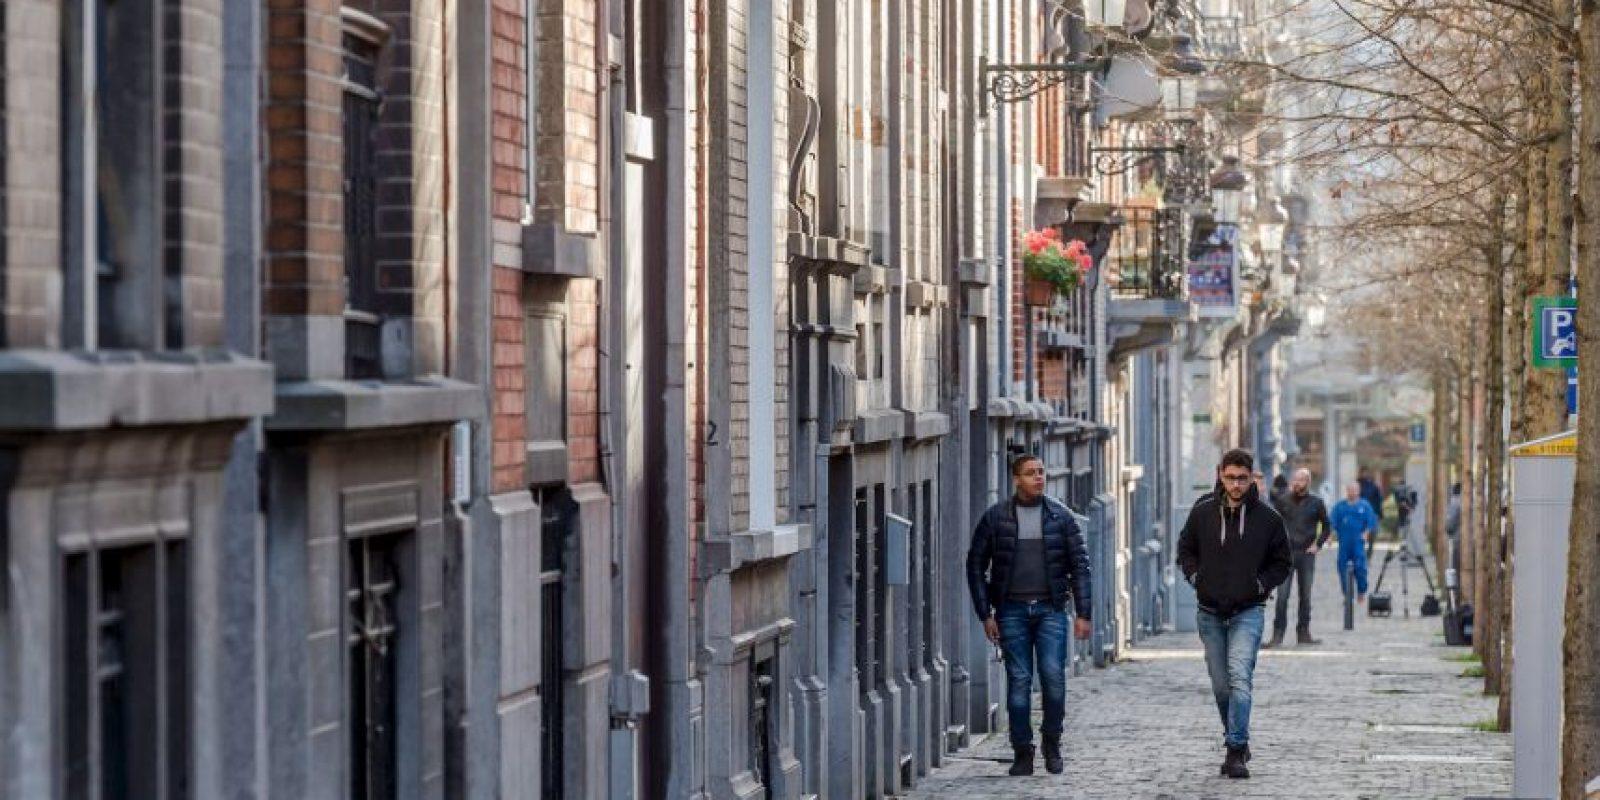 Las autoridades de Bélgica encontraron restos de explosivos, cinturones y una huella dactilar de Salah Abdeslam Foto:AP